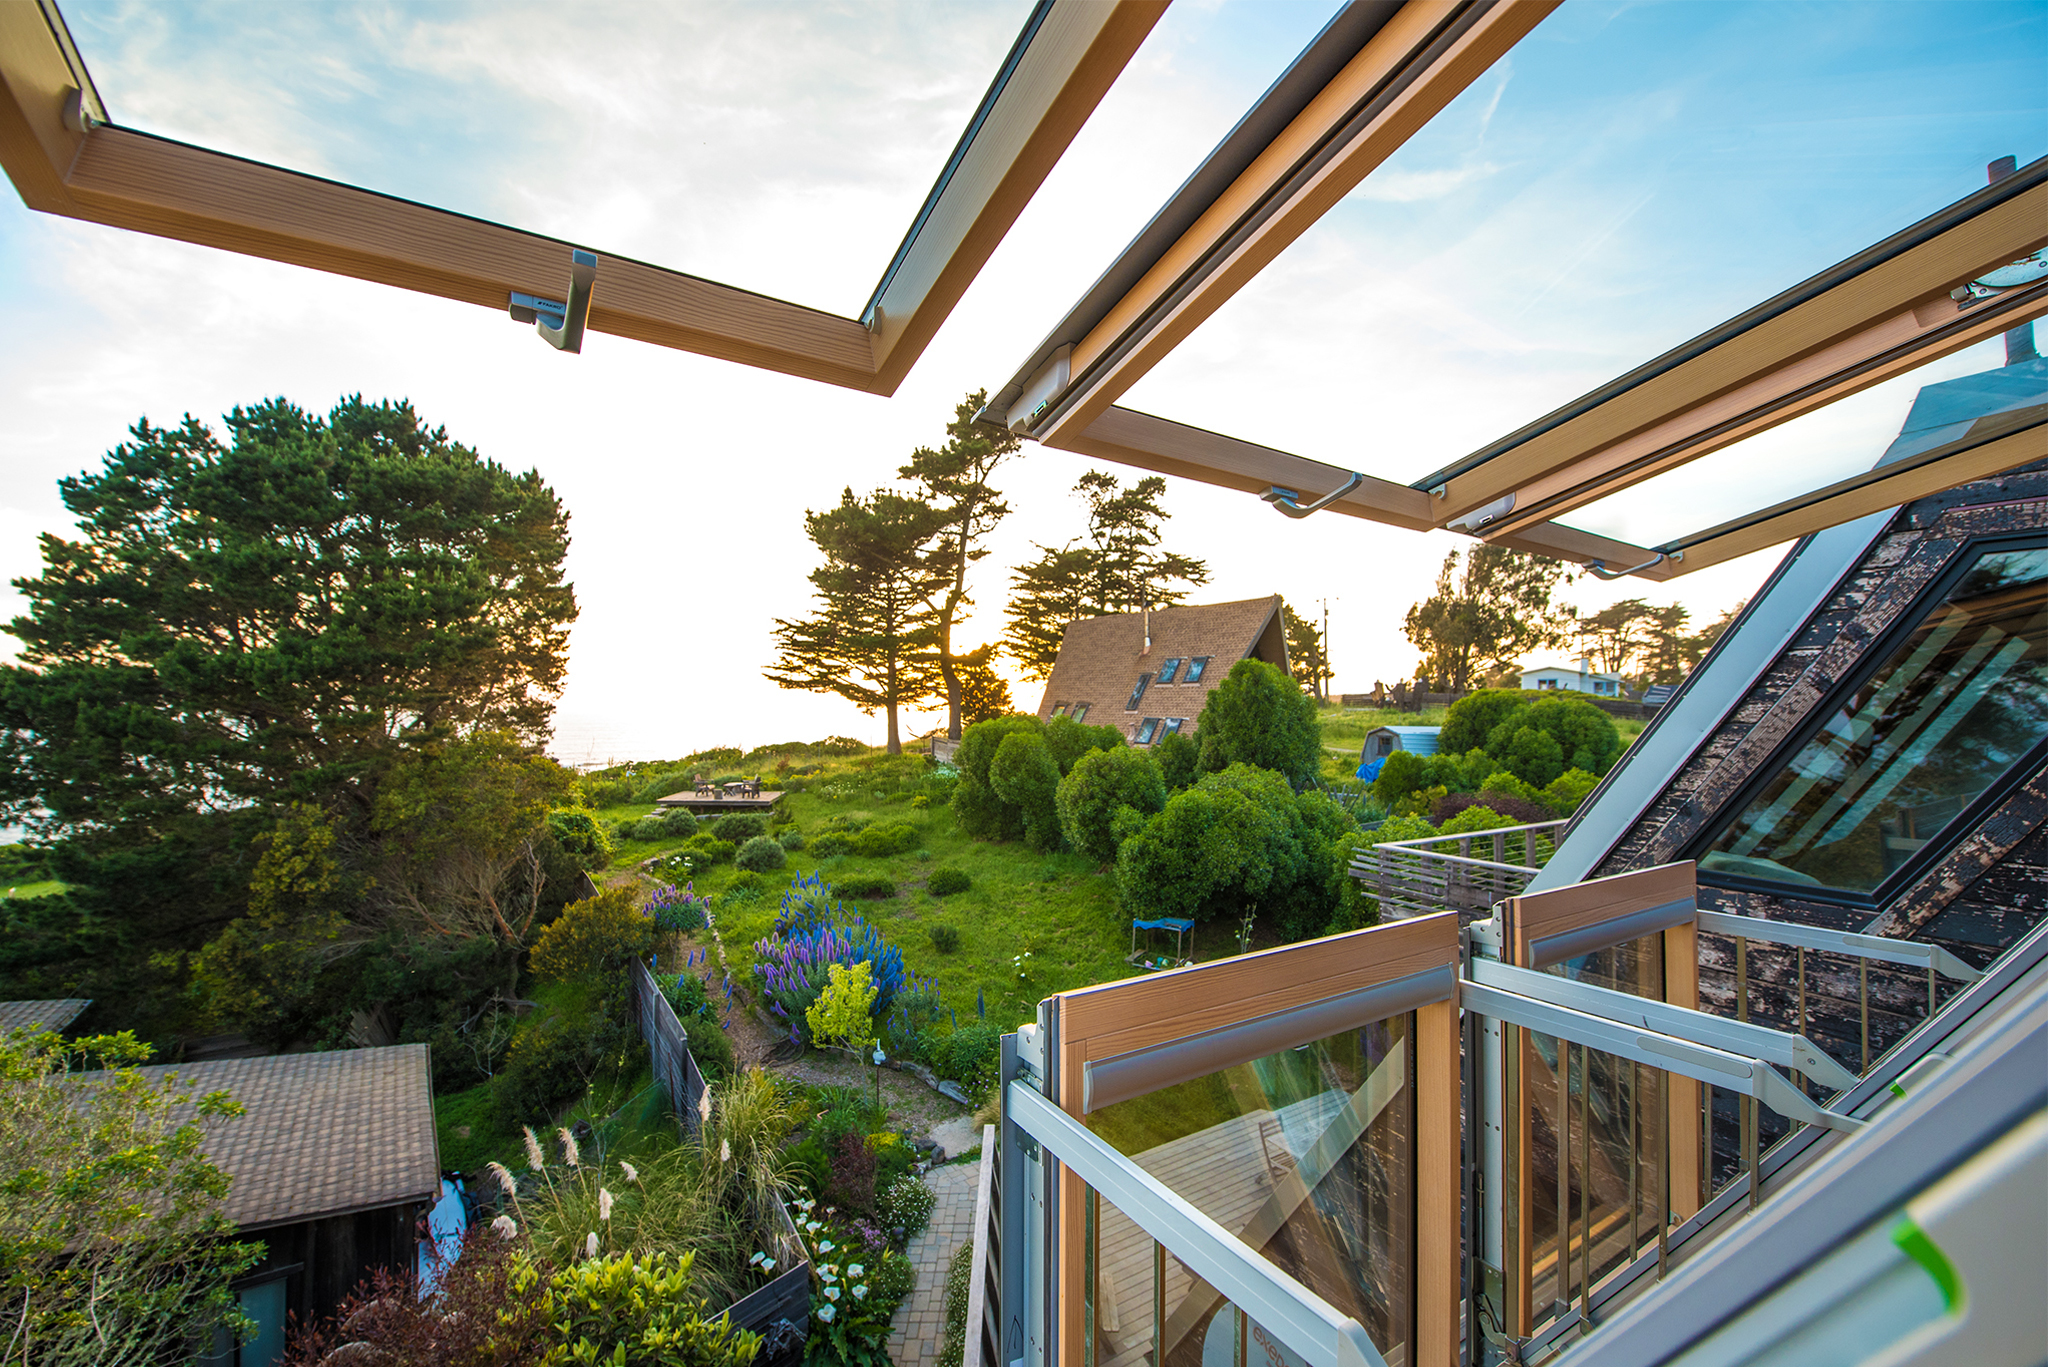 Balcony windows overlooking garden